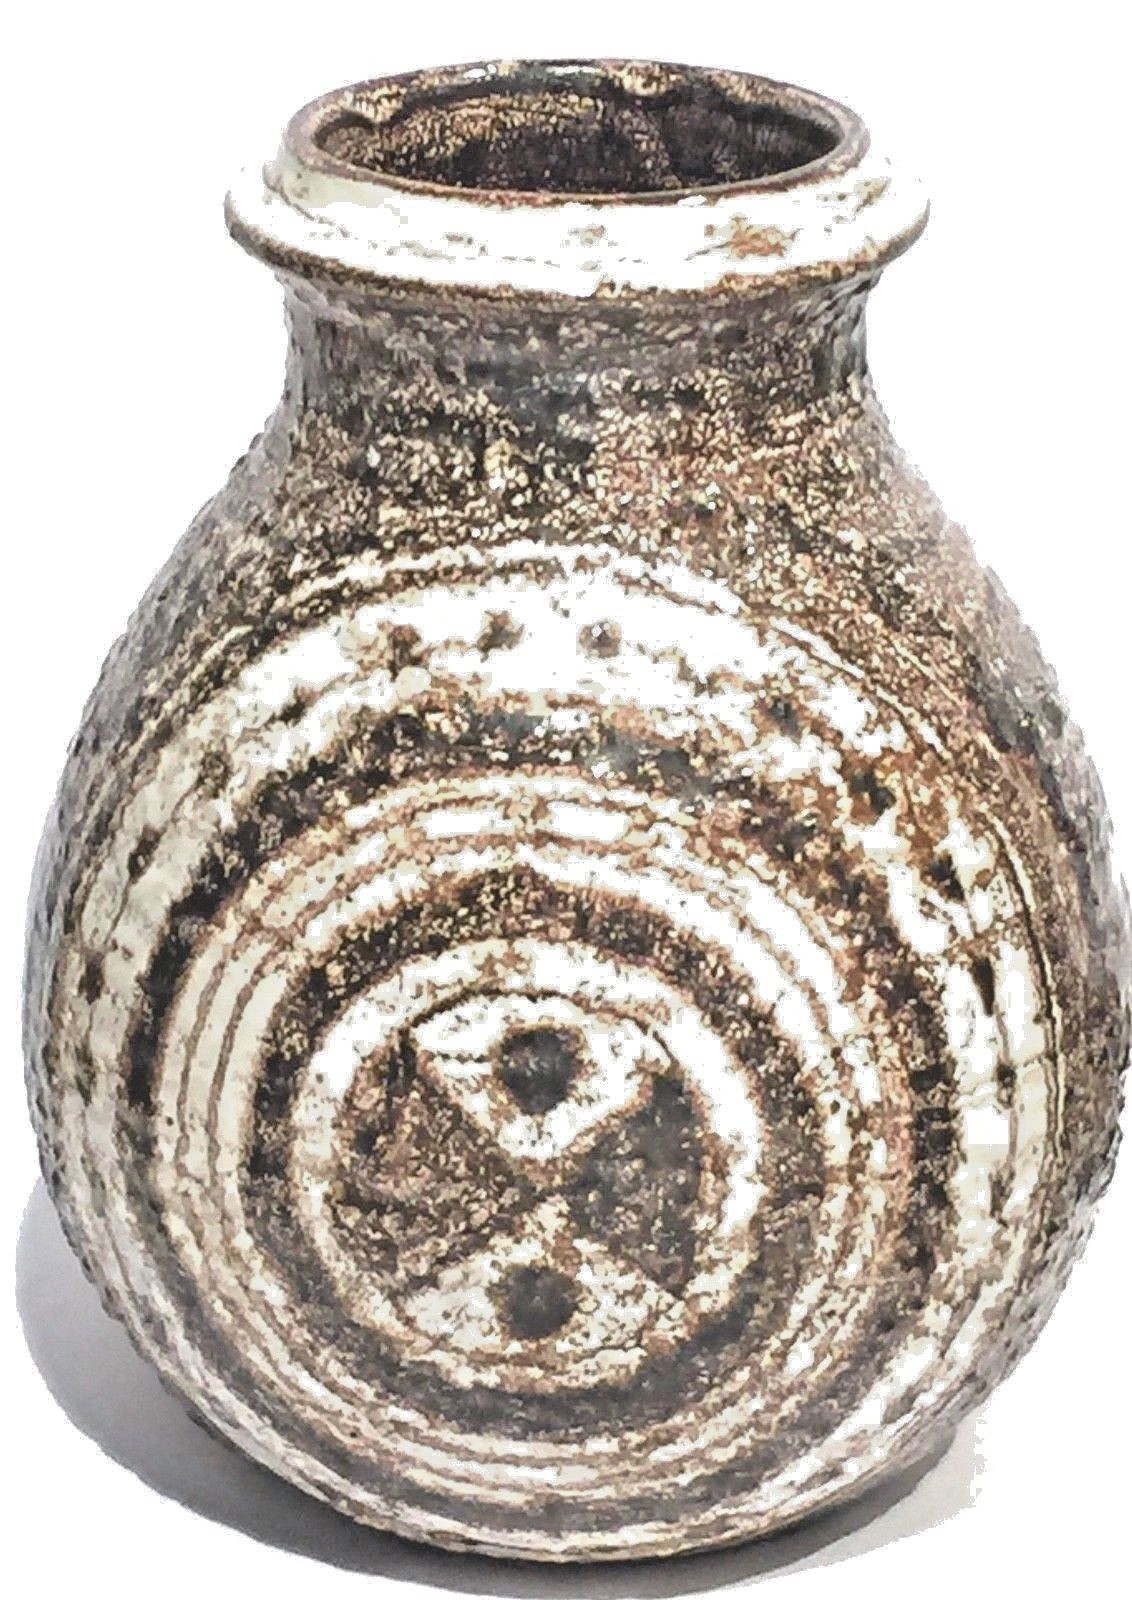 rosenthal netter vase of aldo londi bitossi rosenthal netter moderna marokko vase italien regarding aldo londi bitossi rosenthal netter moderna marokko vase italien modernist 1 von 12 siehe mehr